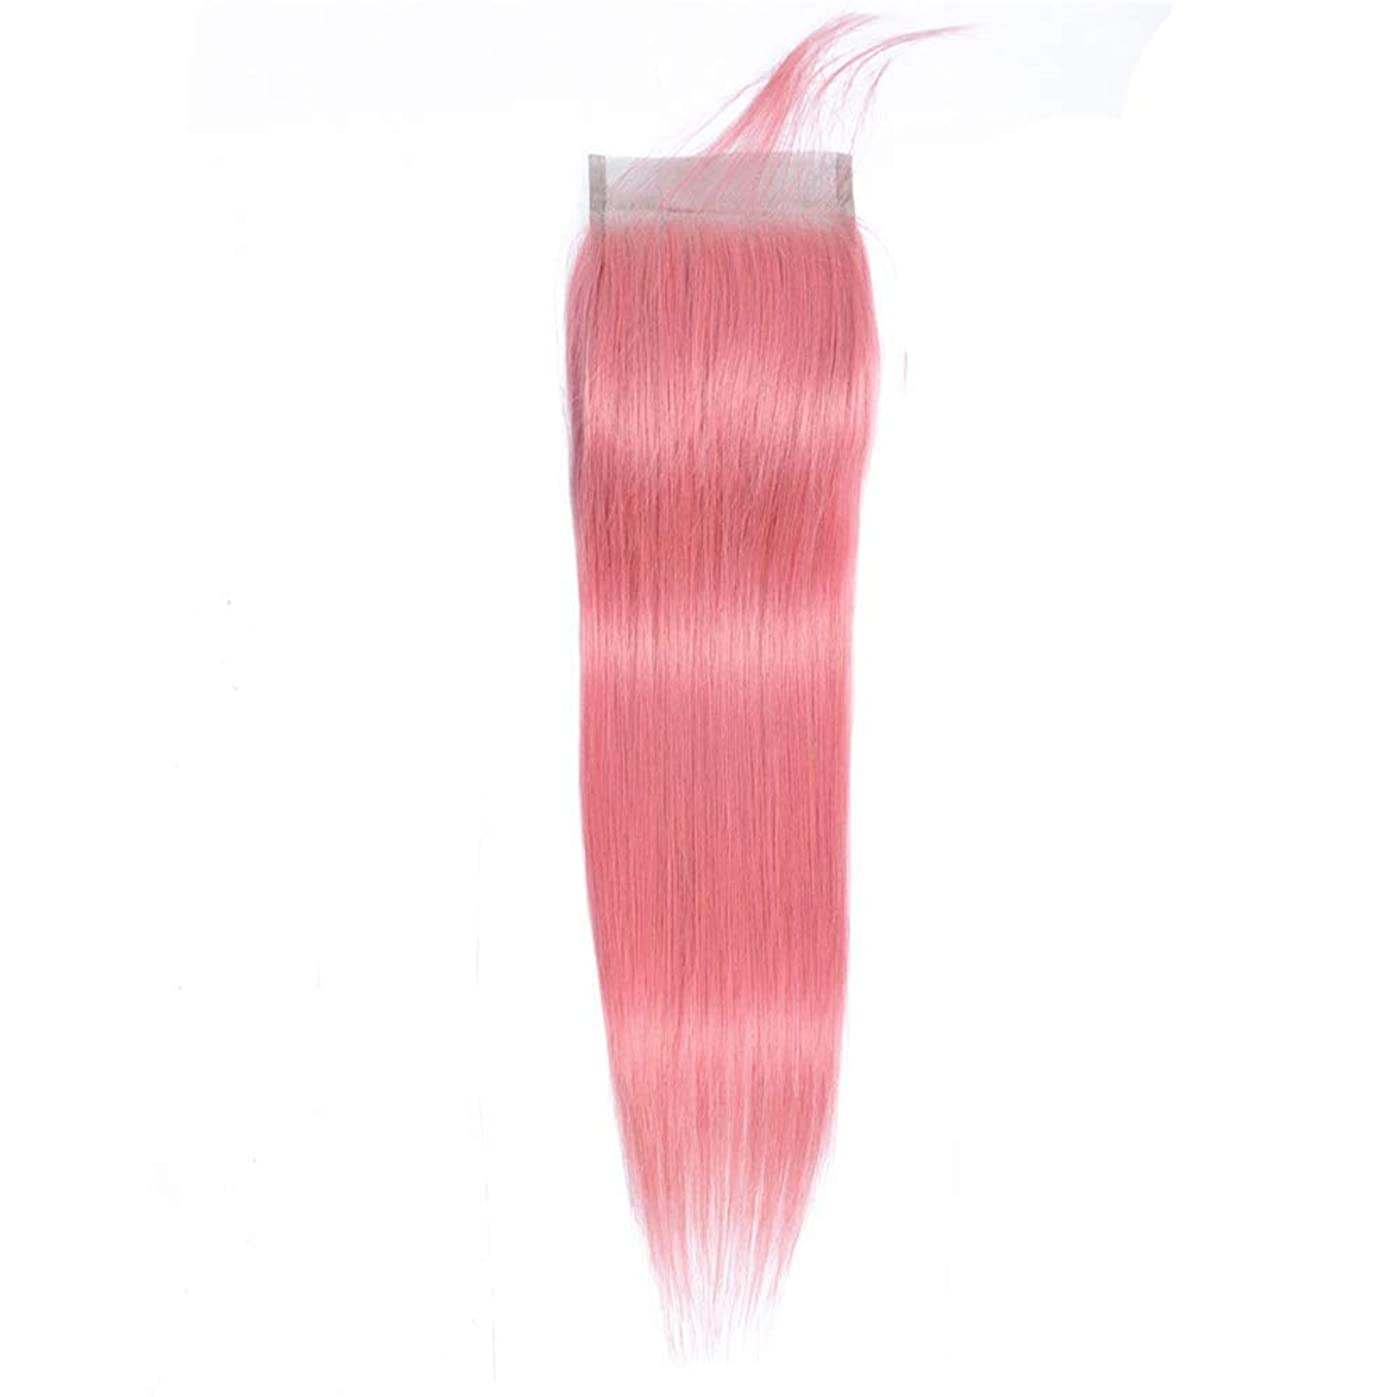 船尾壁紙現実にはかつら レースの閉鎖無料パート4 * 4レースの正面閉鎖(10インチ-16インチ)ファッションウィッグとピンクの100%人毛ブラジルストレートヘア (色 : ピンク, サイズ : 12 inch)